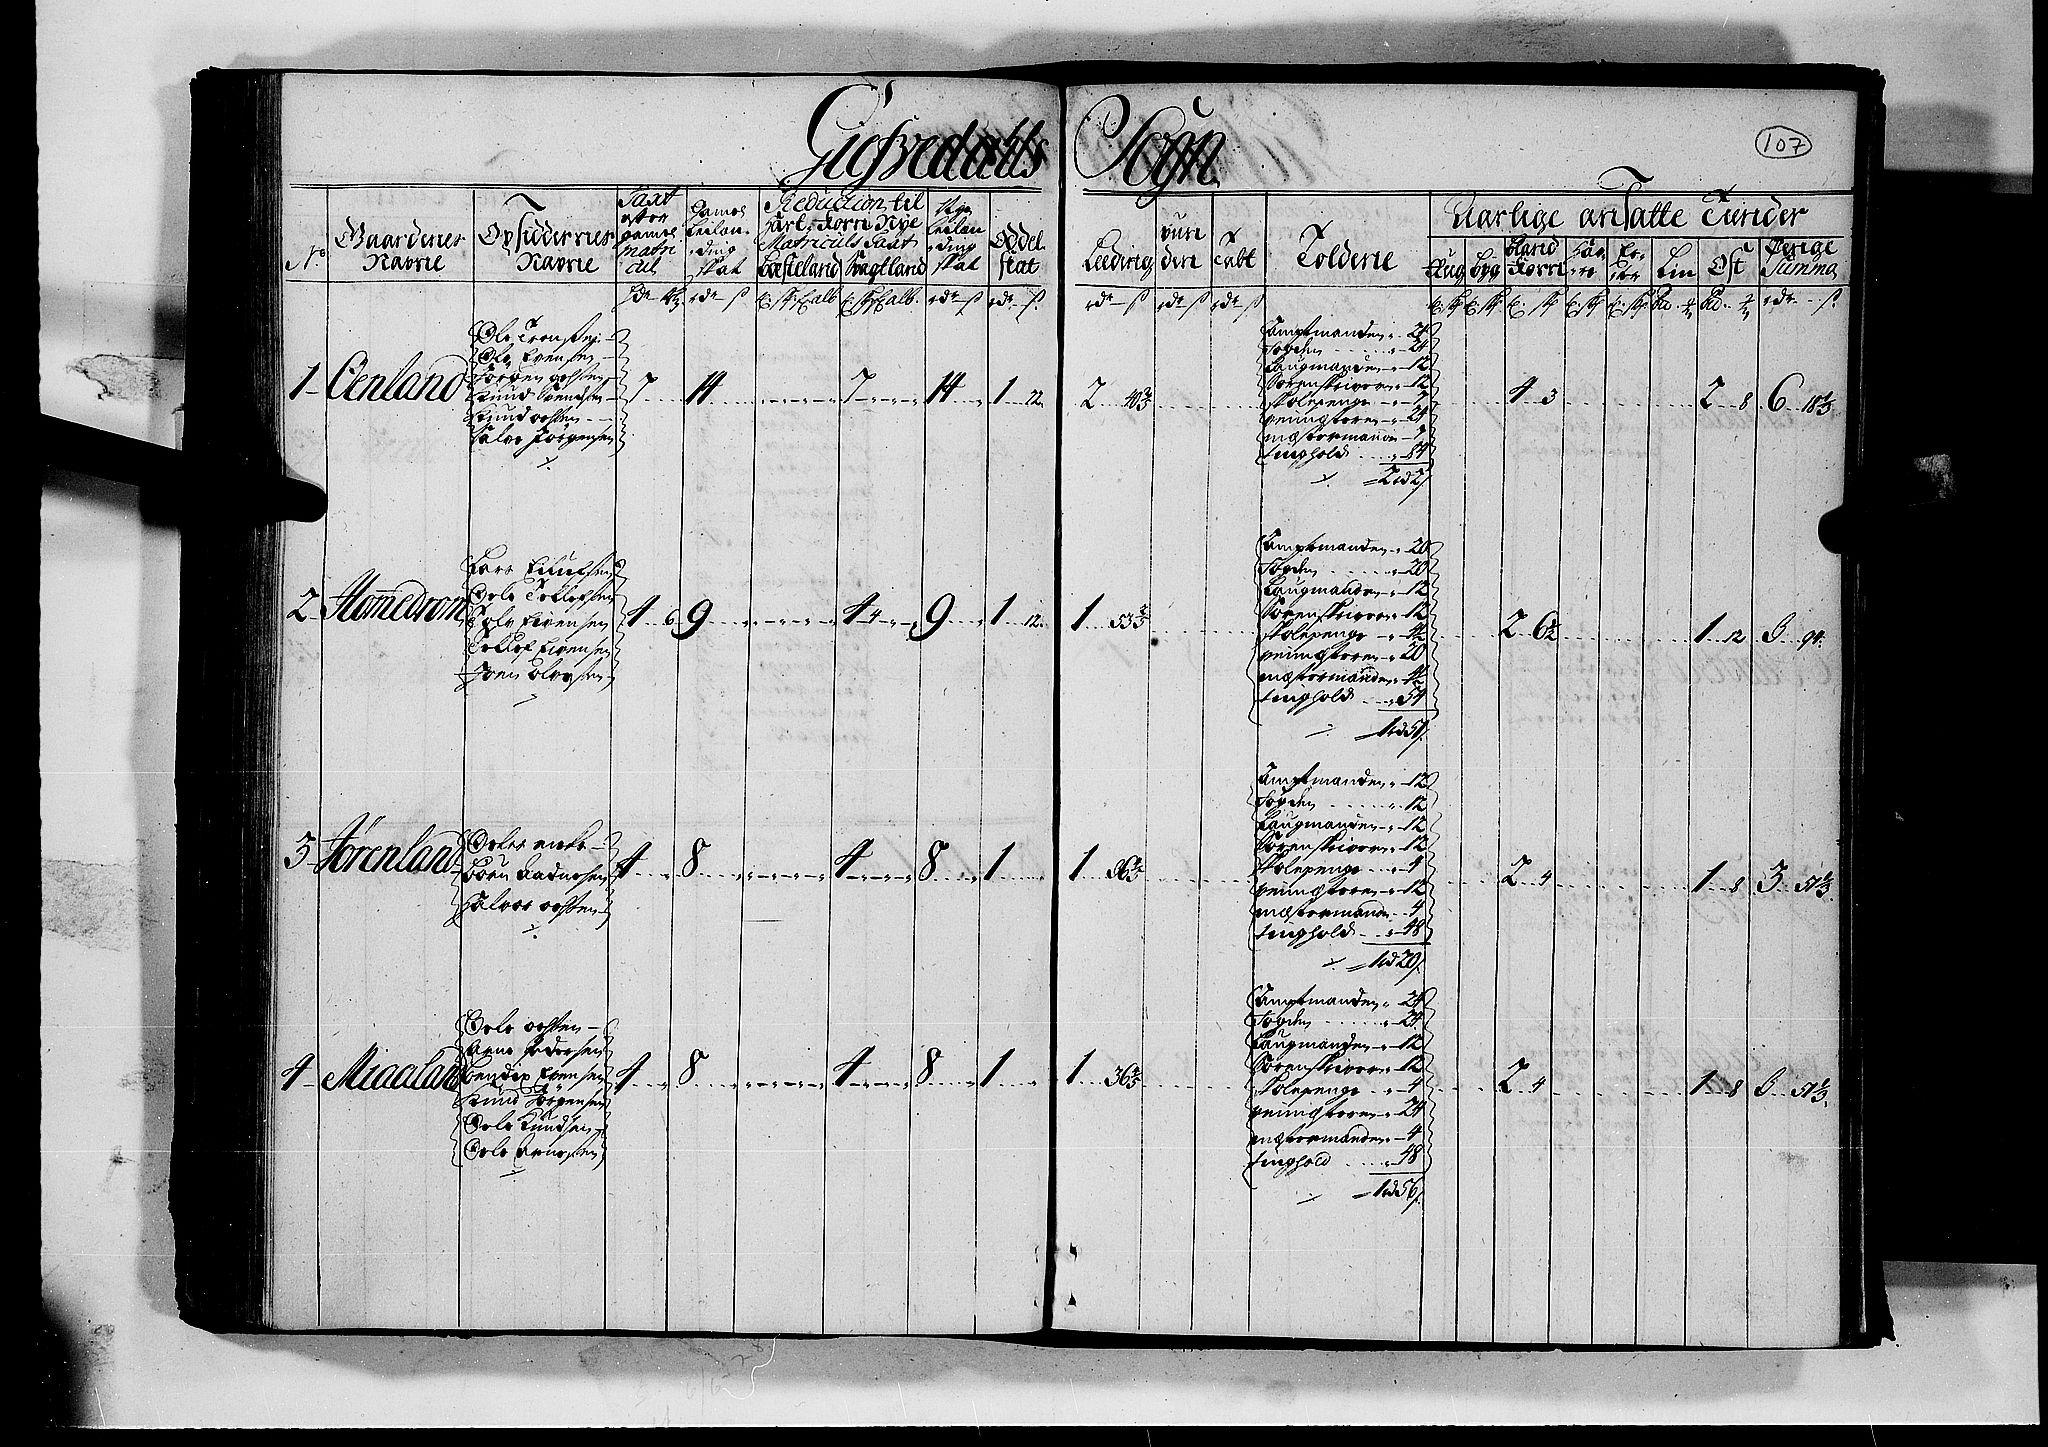 RA, Rentekammeret inntil 1814, Realistisk ordnet avdeling, N/Nb/Nbf/L0126: Råbyggelag matrikkelprotokoll, 1723, s. 106b-107a